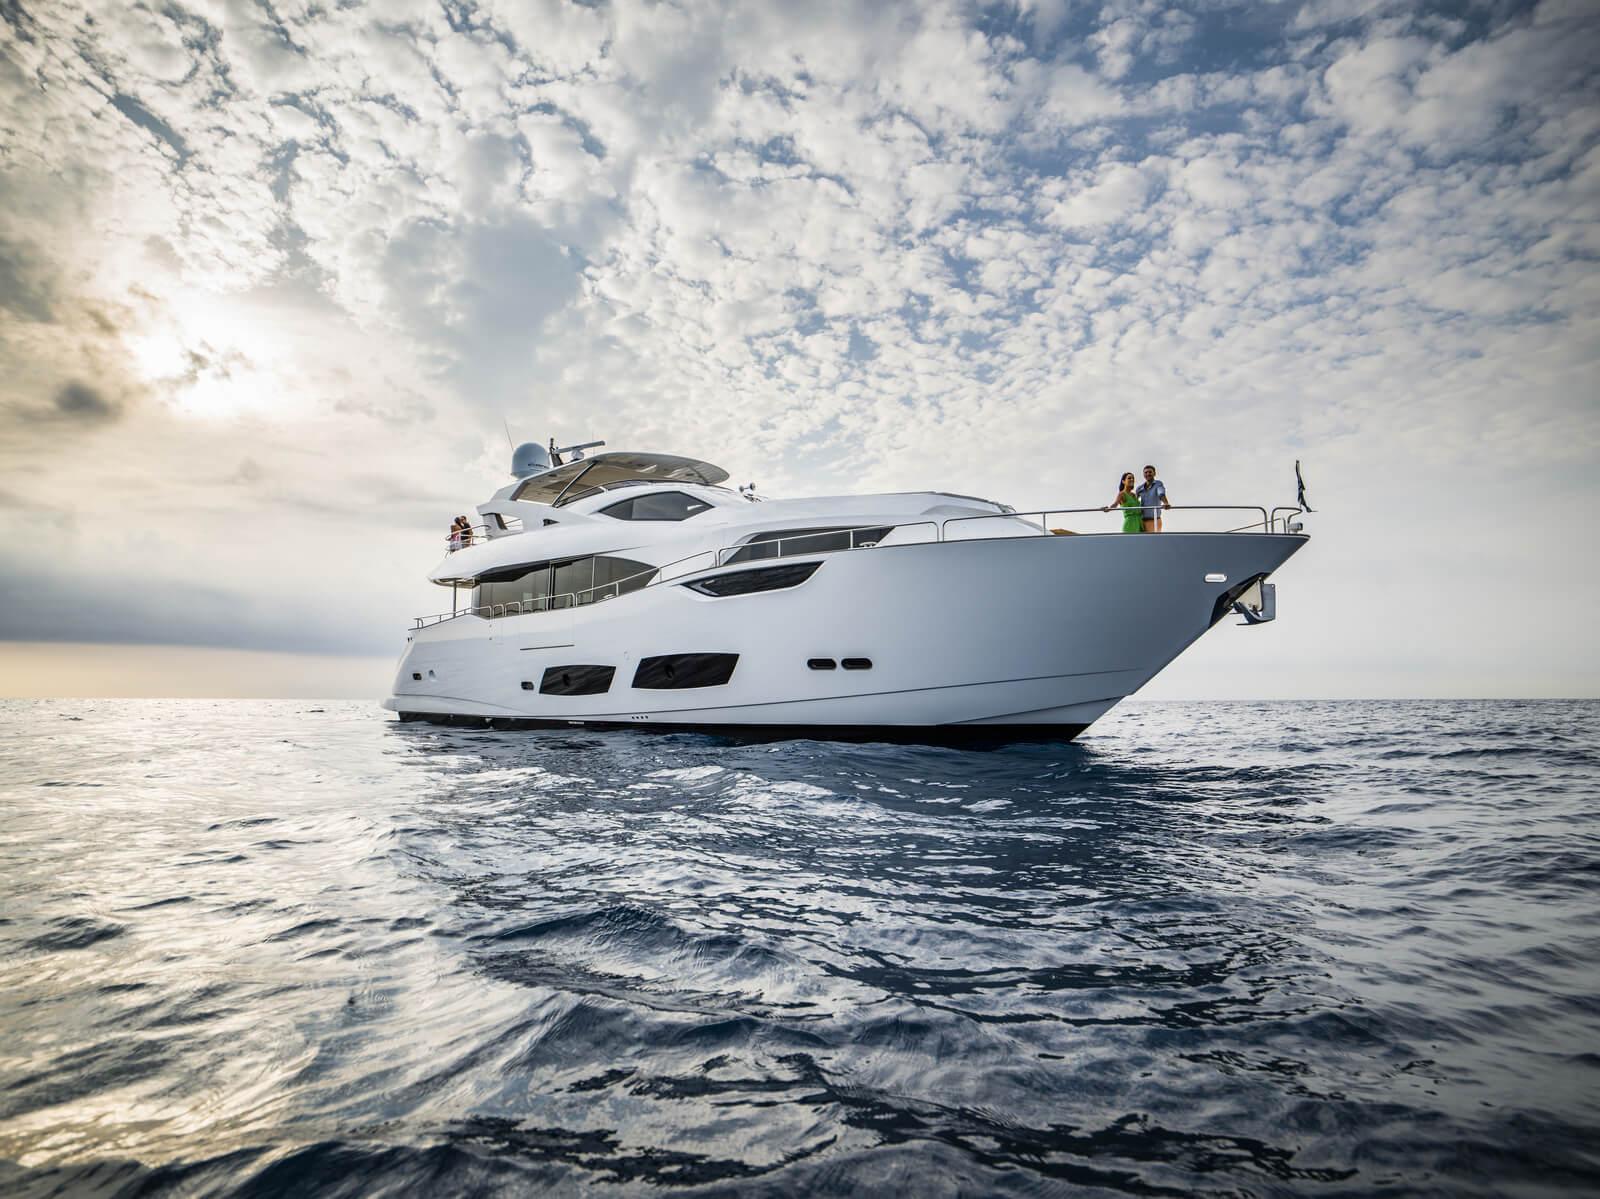 יאכטה Sunseeker Yacht 95 - סטרים יאכטות